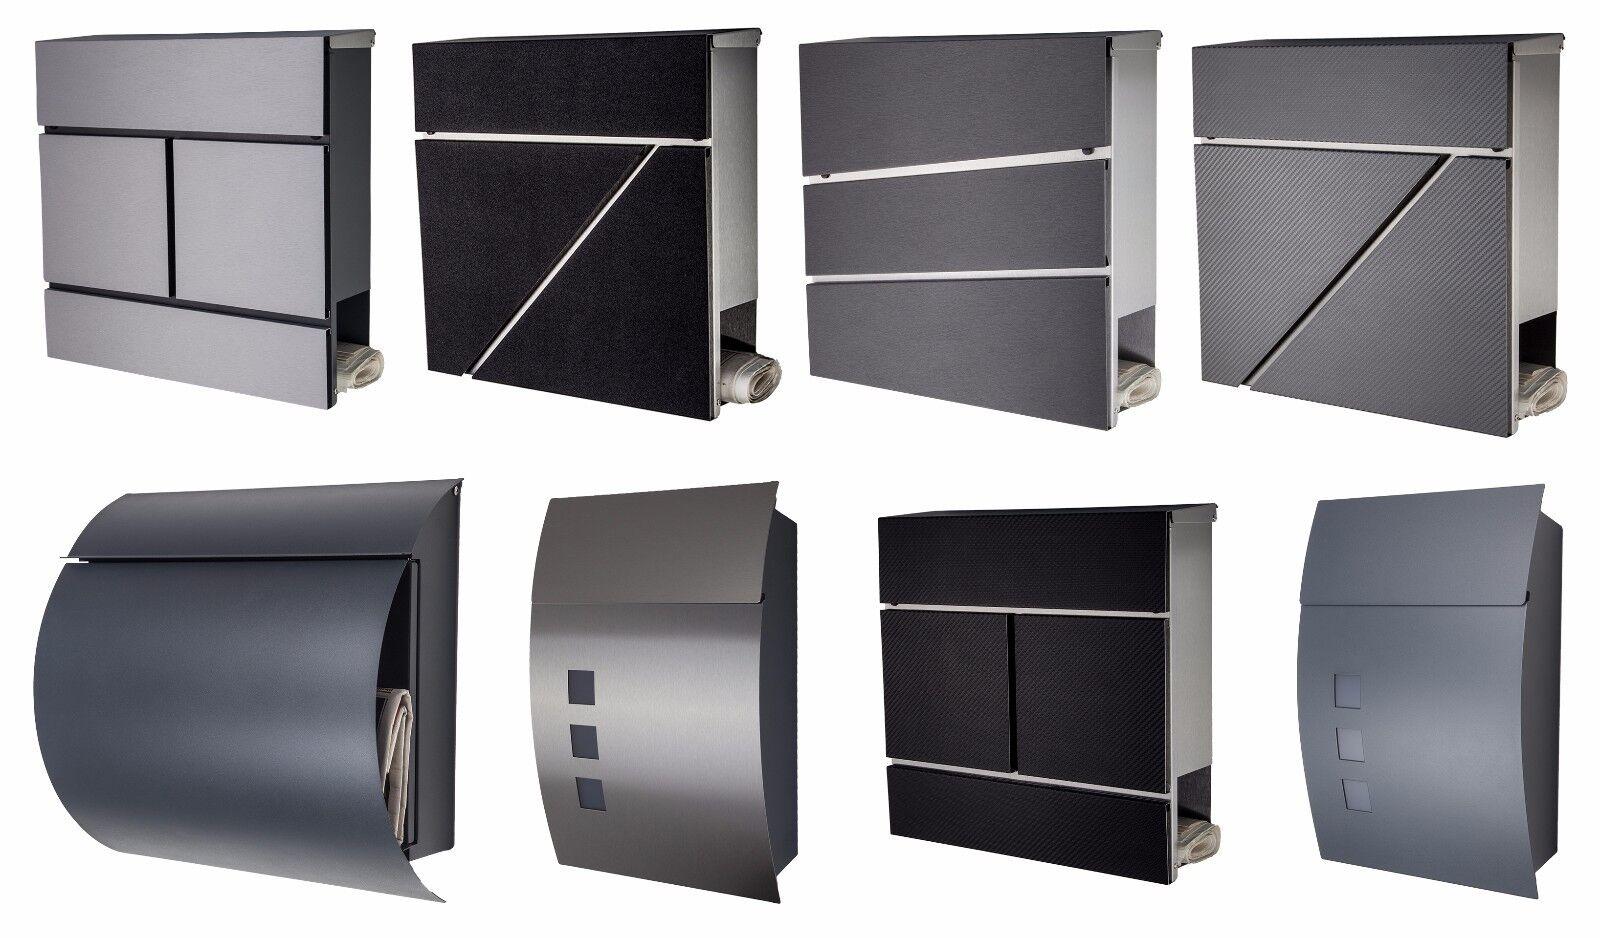 designer briefkasten mailbox edelstahl anthrazit schwarz wei grau neu briefk sten. Black Bedroom Furniture Sets. Home Design Ideas